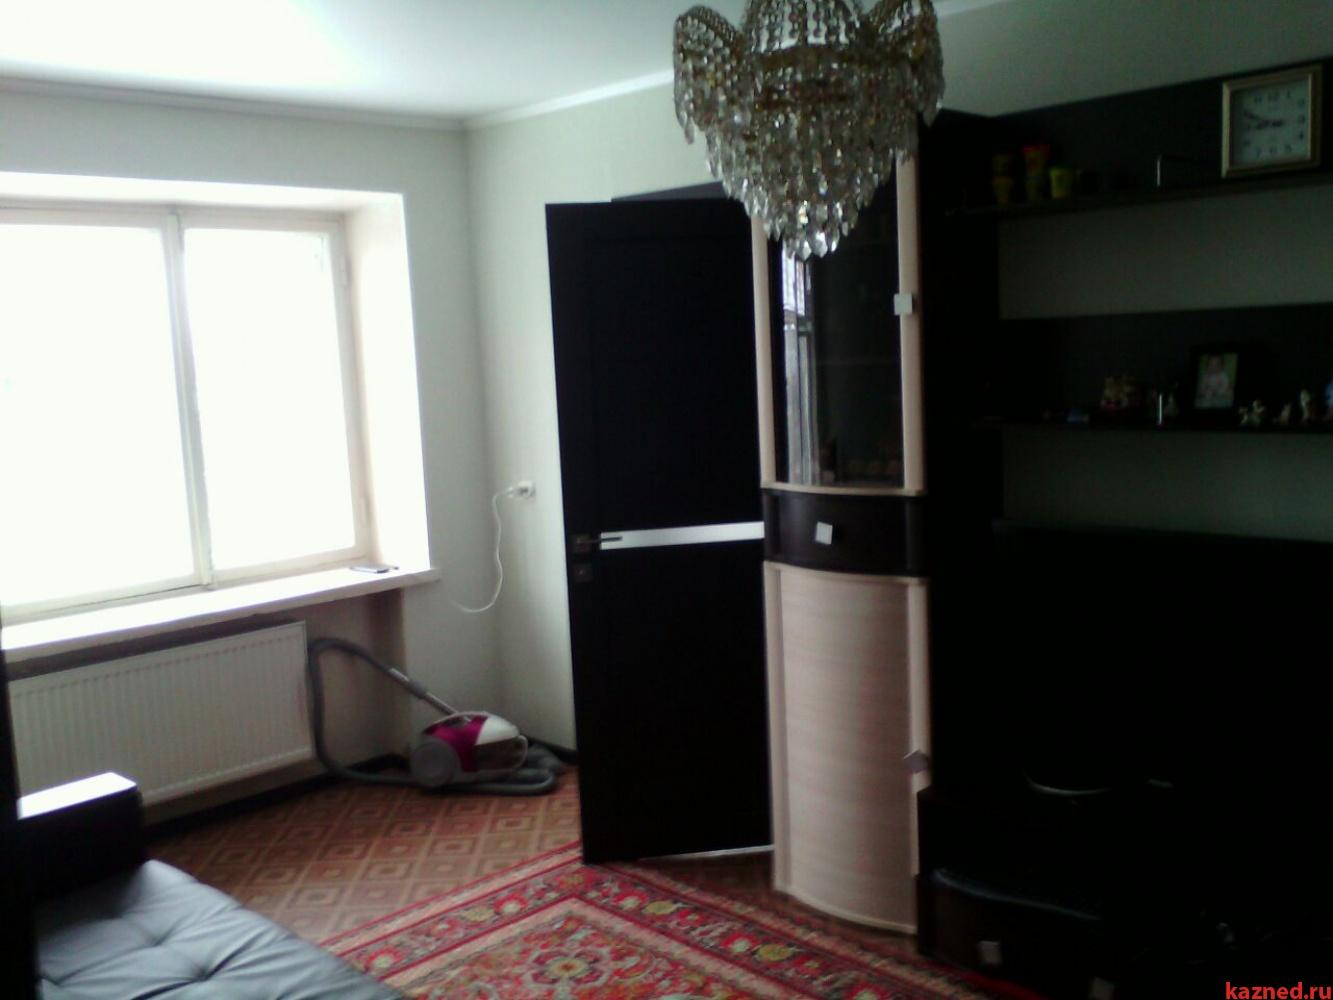 Продажа 2-к квартиры Горьковское шоссе, 12, 43 м2  (миниатюра №3)